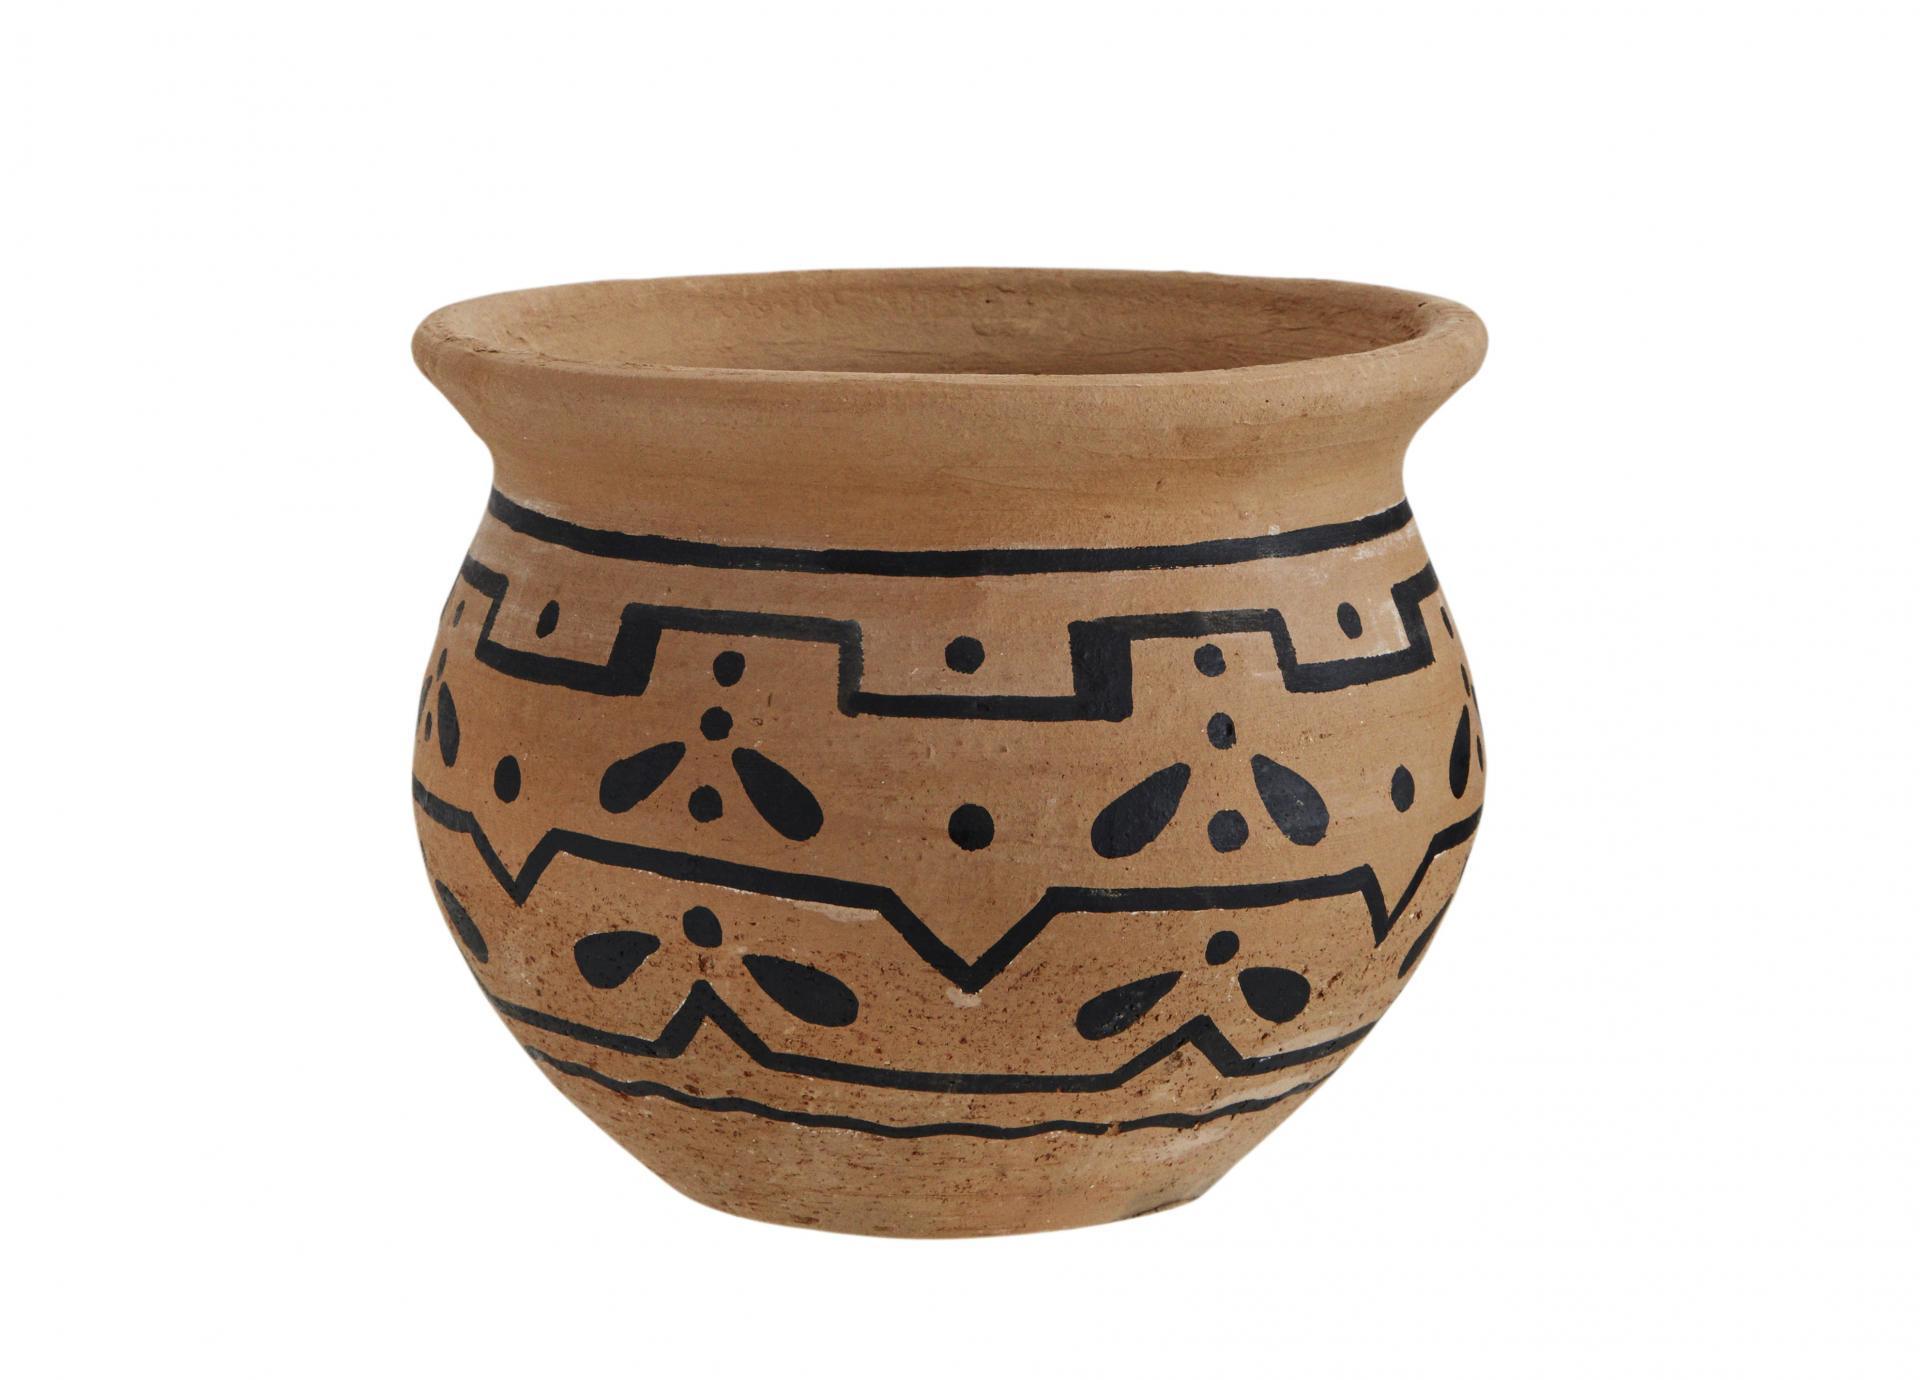 MADAM STOLTZ Hliněný květináč Clay Round, černá barva, hnědá barva, keramika